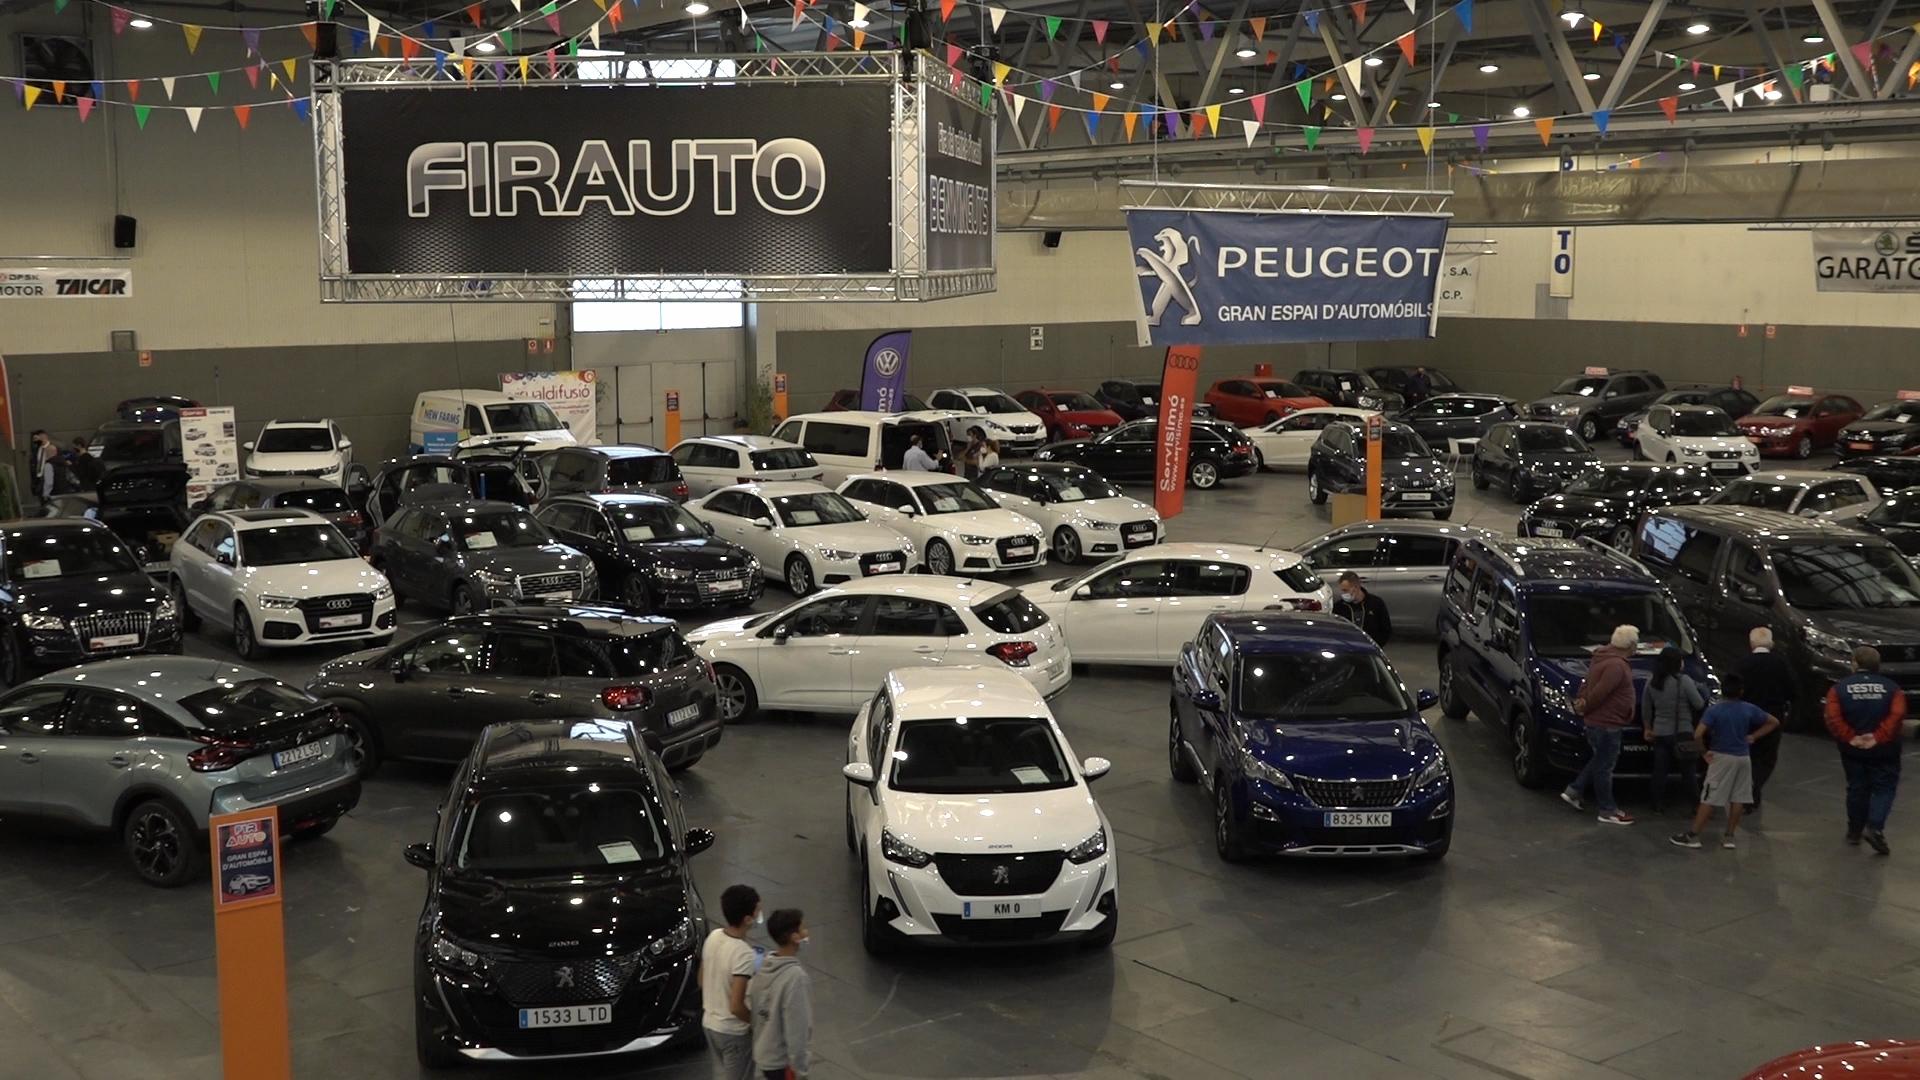 Firauto tanca portes amb 5.500 visitants i un 20% de vendes